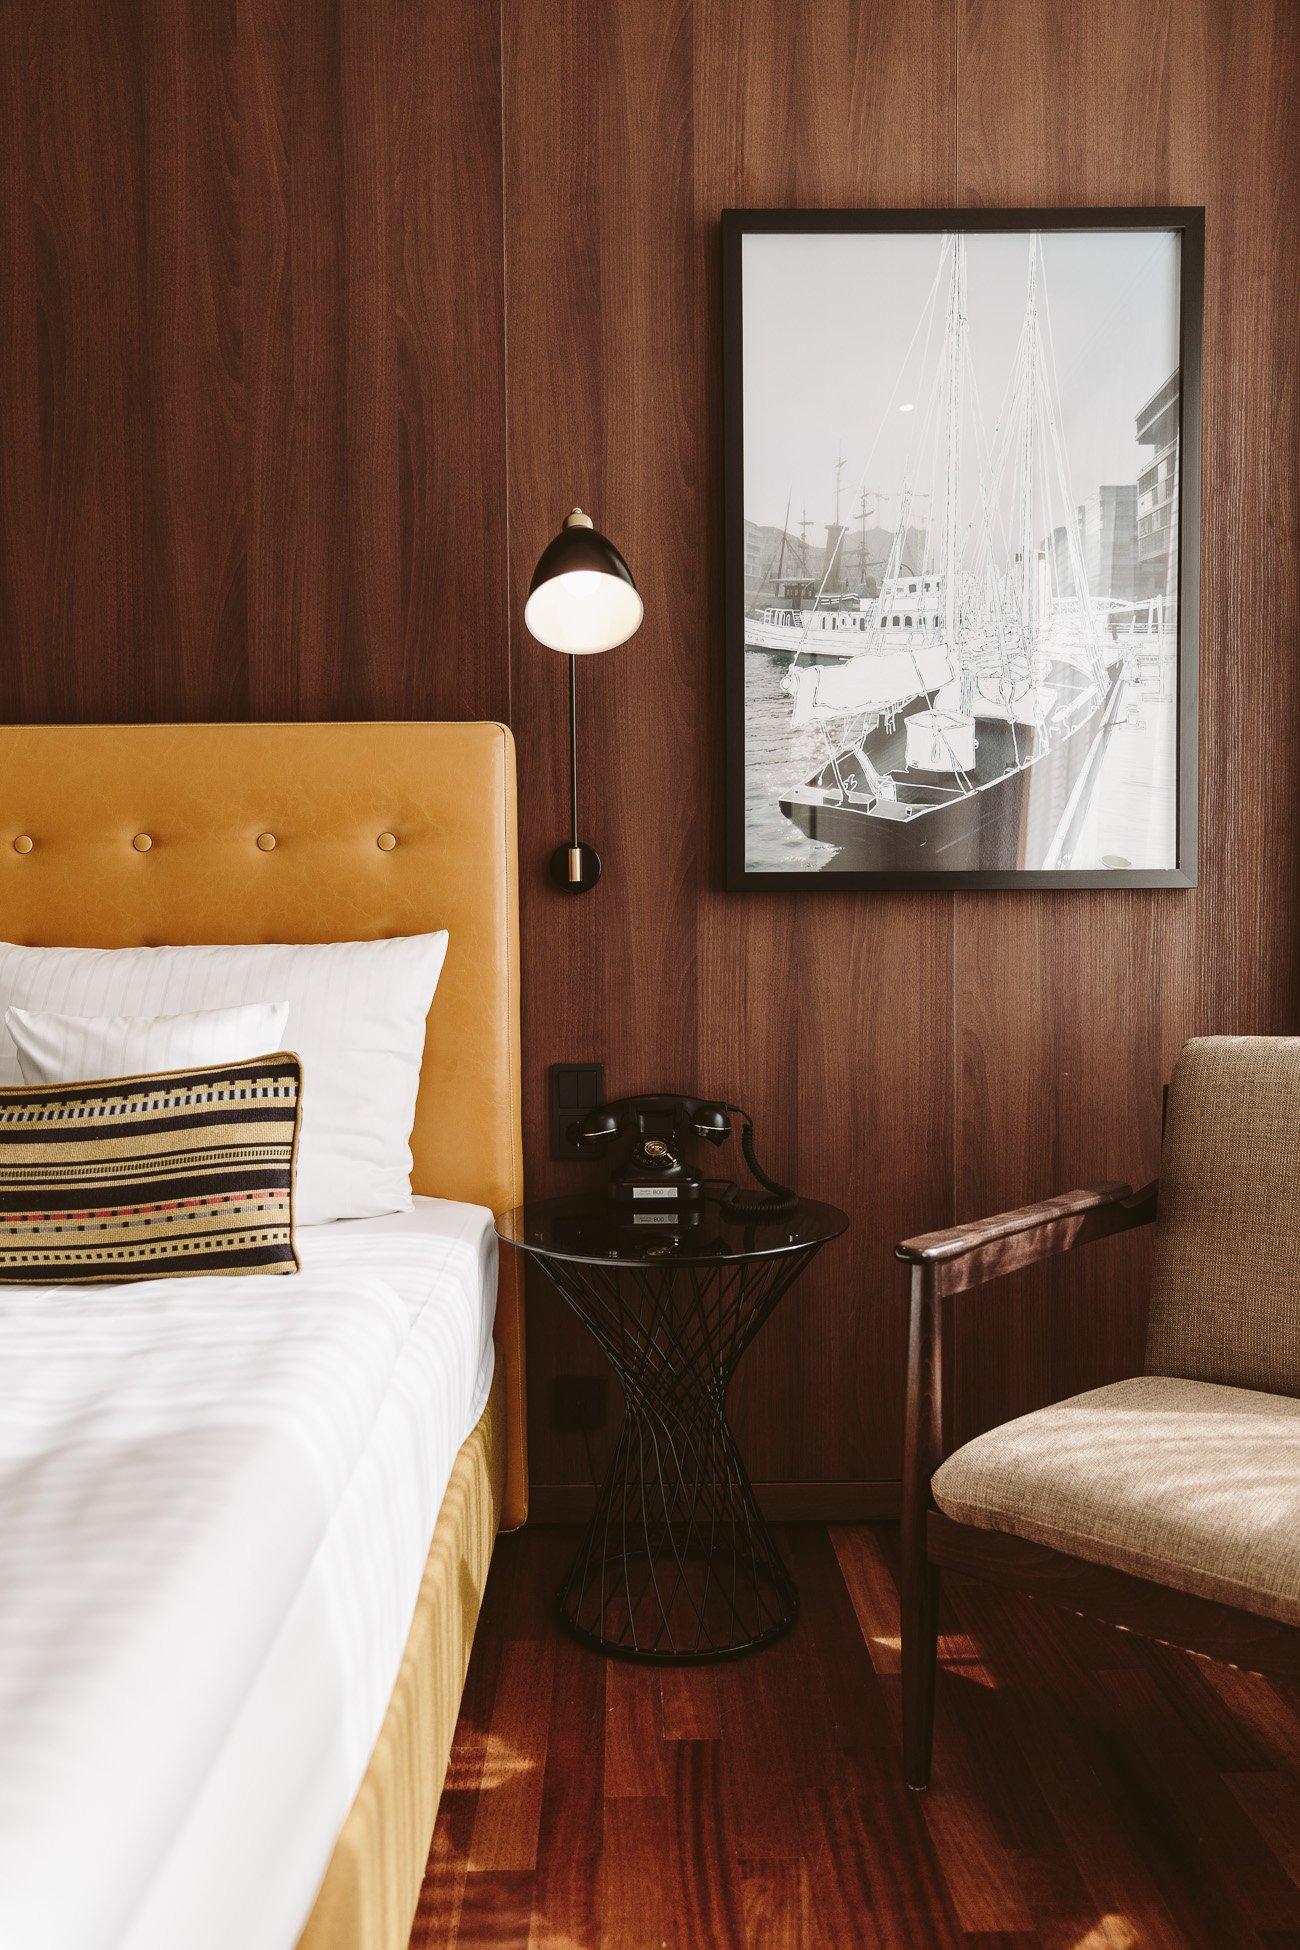 Room Detail at Ameron Hotel Speicherstadt